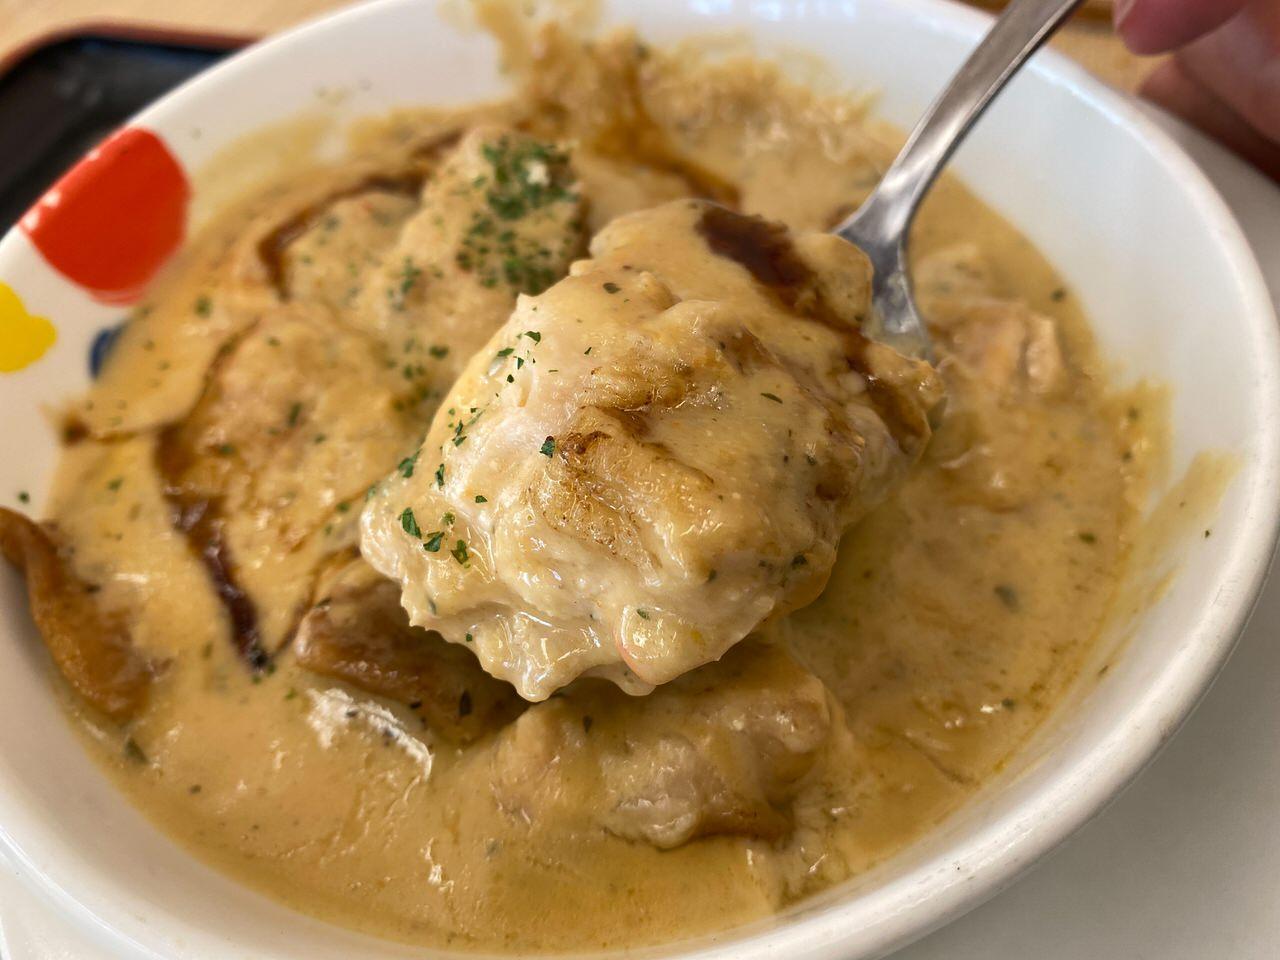 松屋「濃厚オマール海老ソースのチキンフリカッセ定食」 7